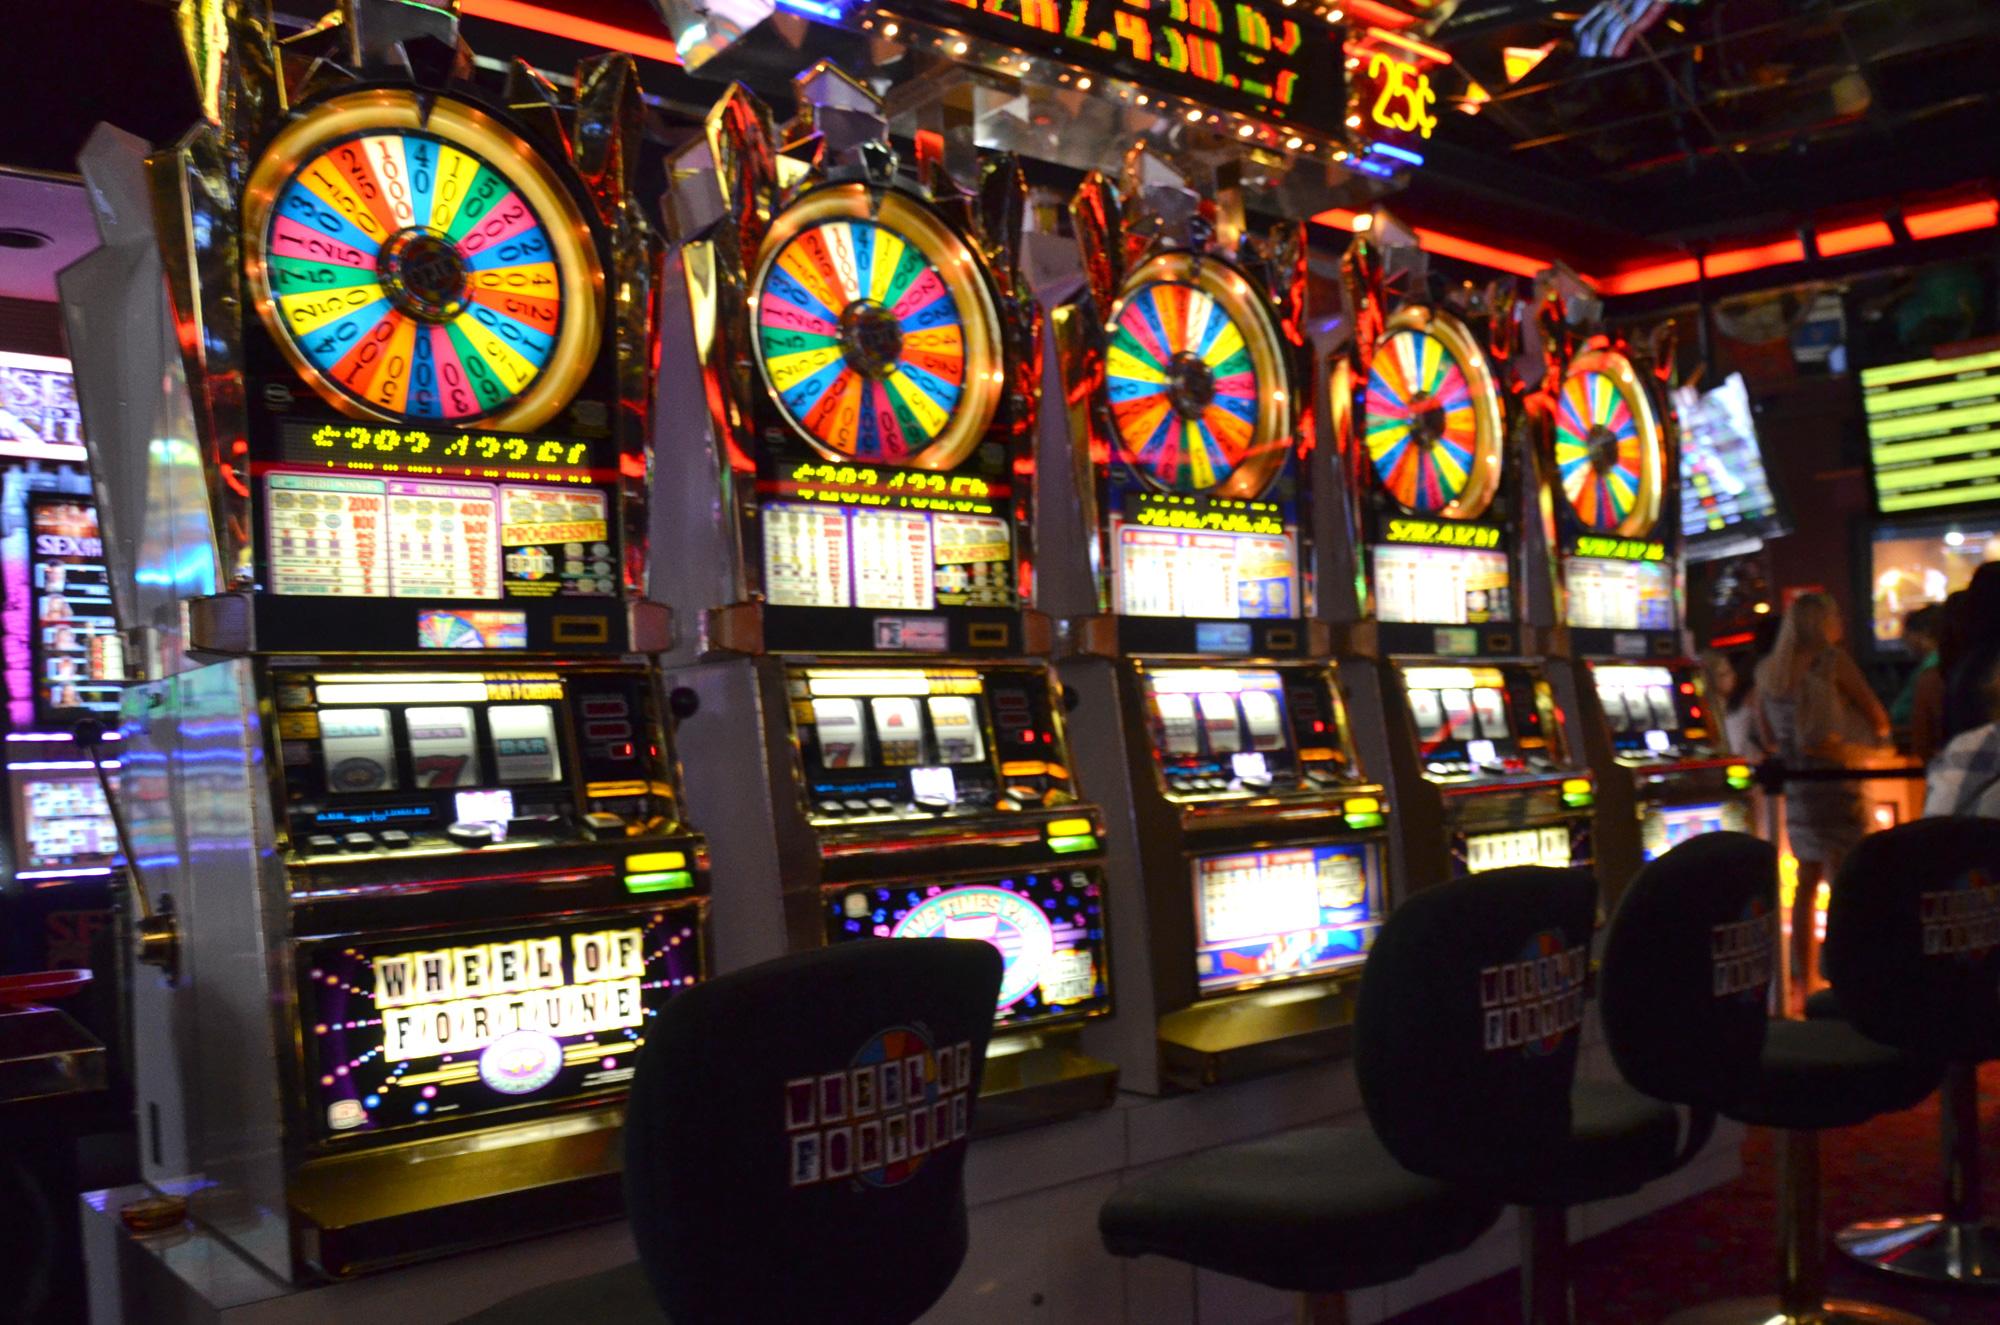 Potawatomi concerns gaming casinos international journal of gambling studies